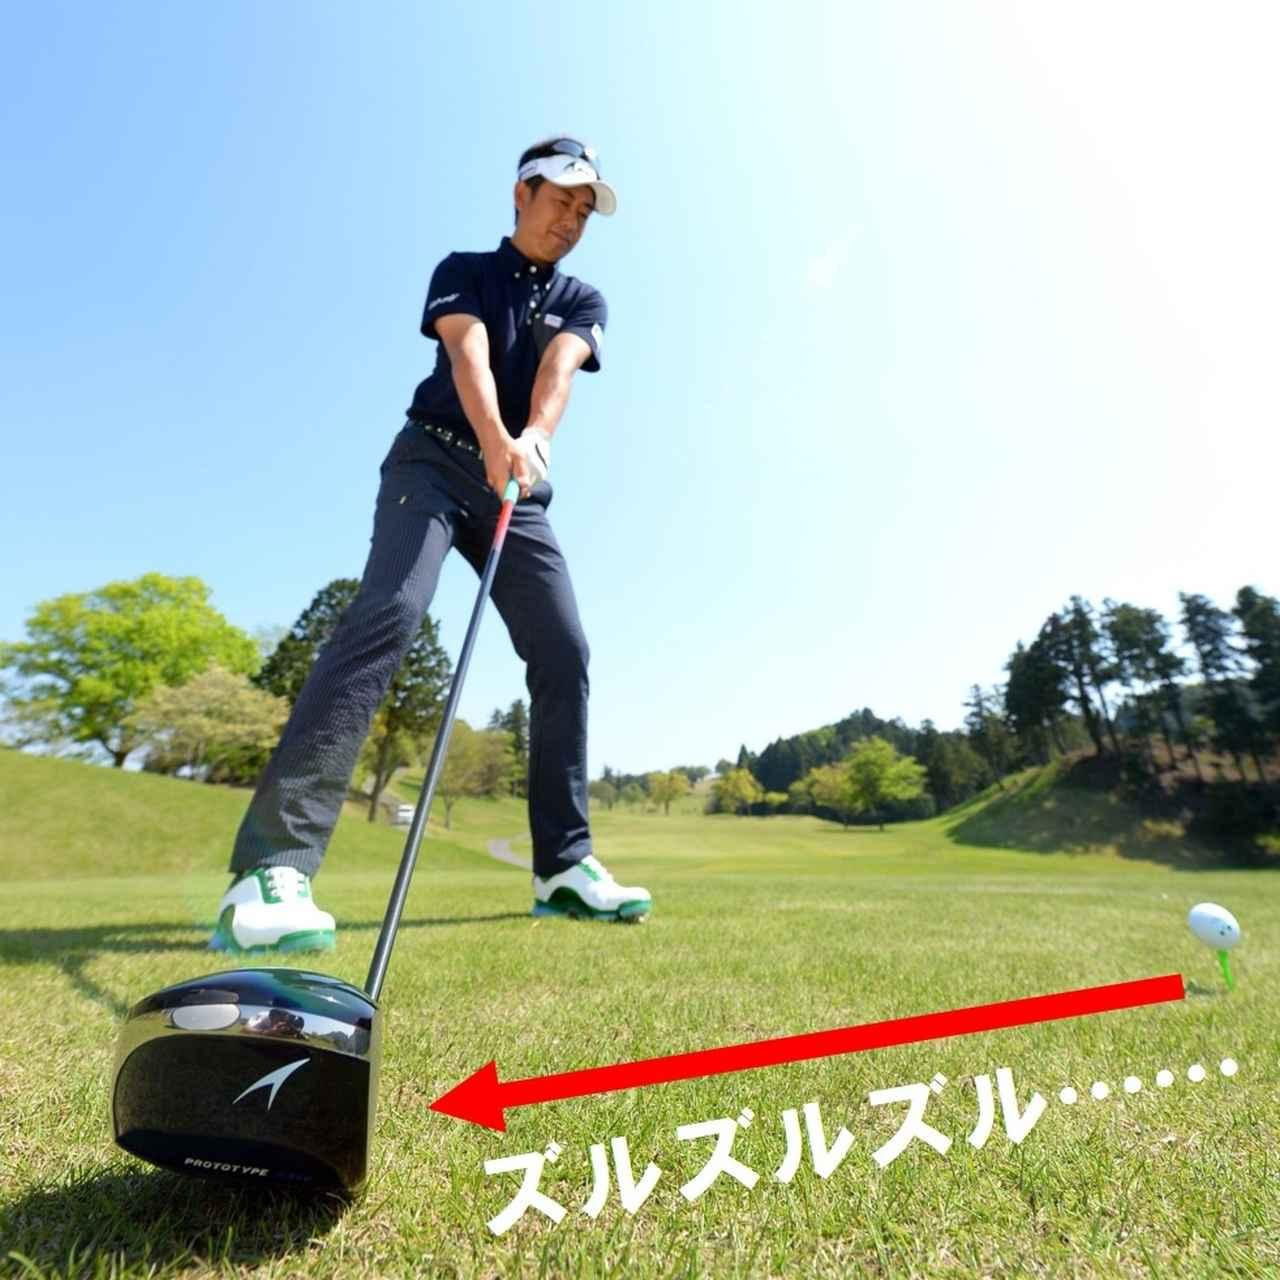 画像: クラブヘッドを右足前まで引きずるように始動すれば、ヘッドを低く上げられます